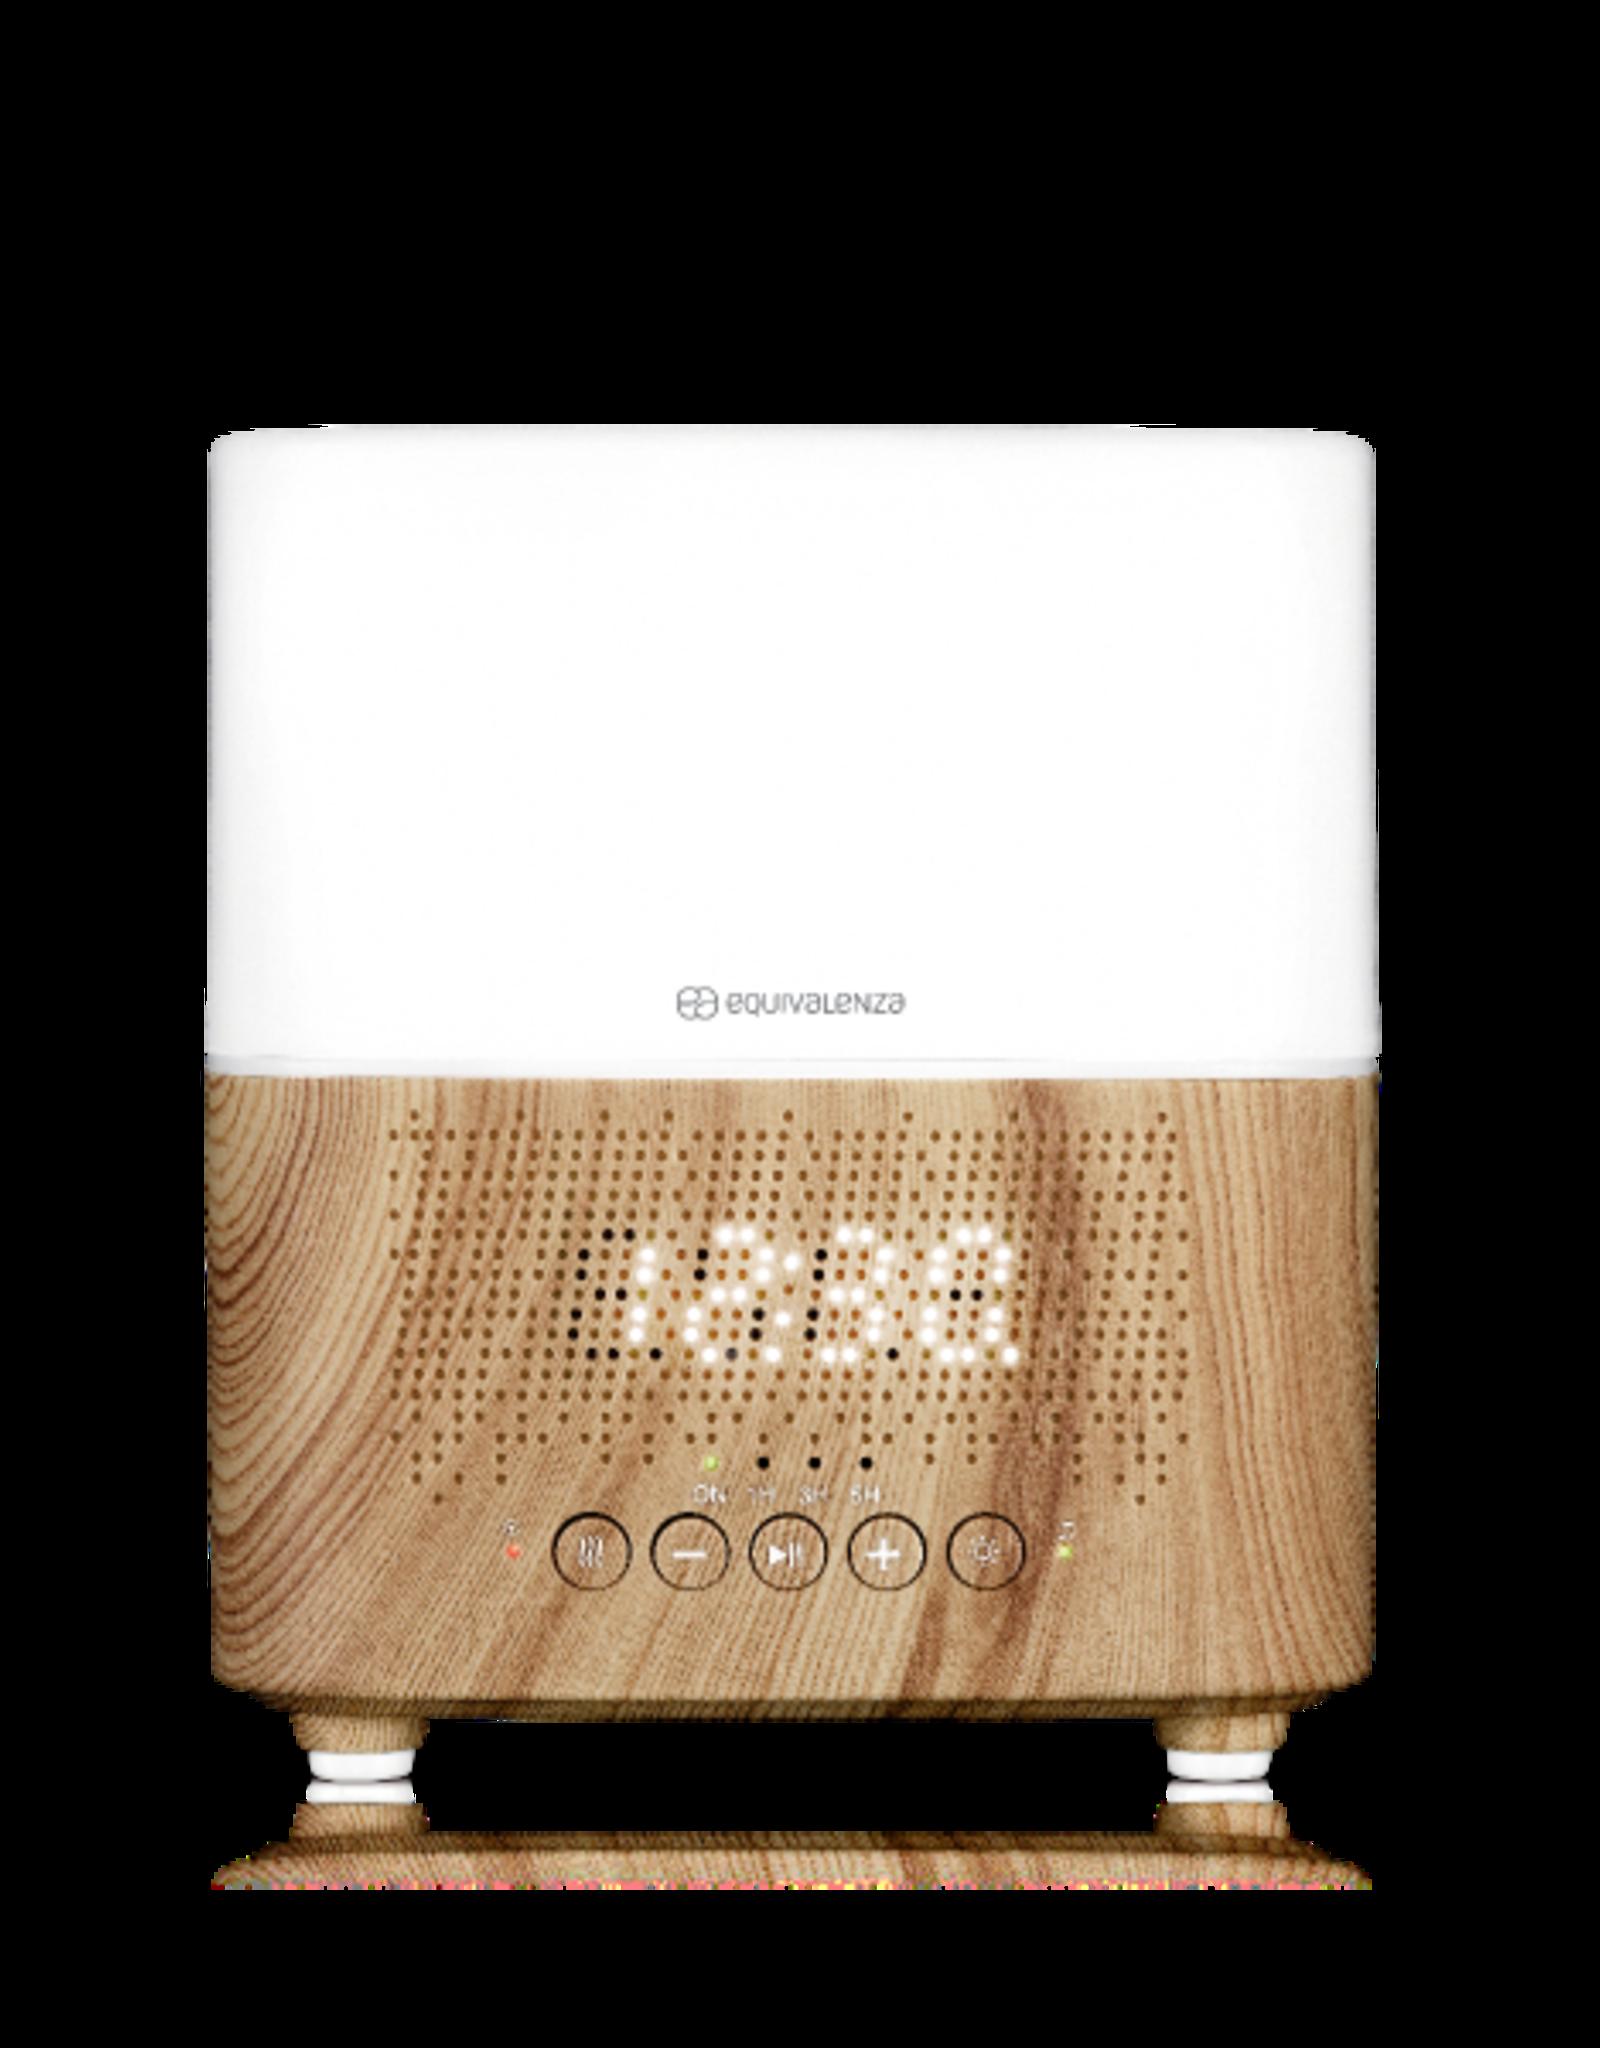 Equivalenza CUBE – Ultrasonic Aromatic Diffuser